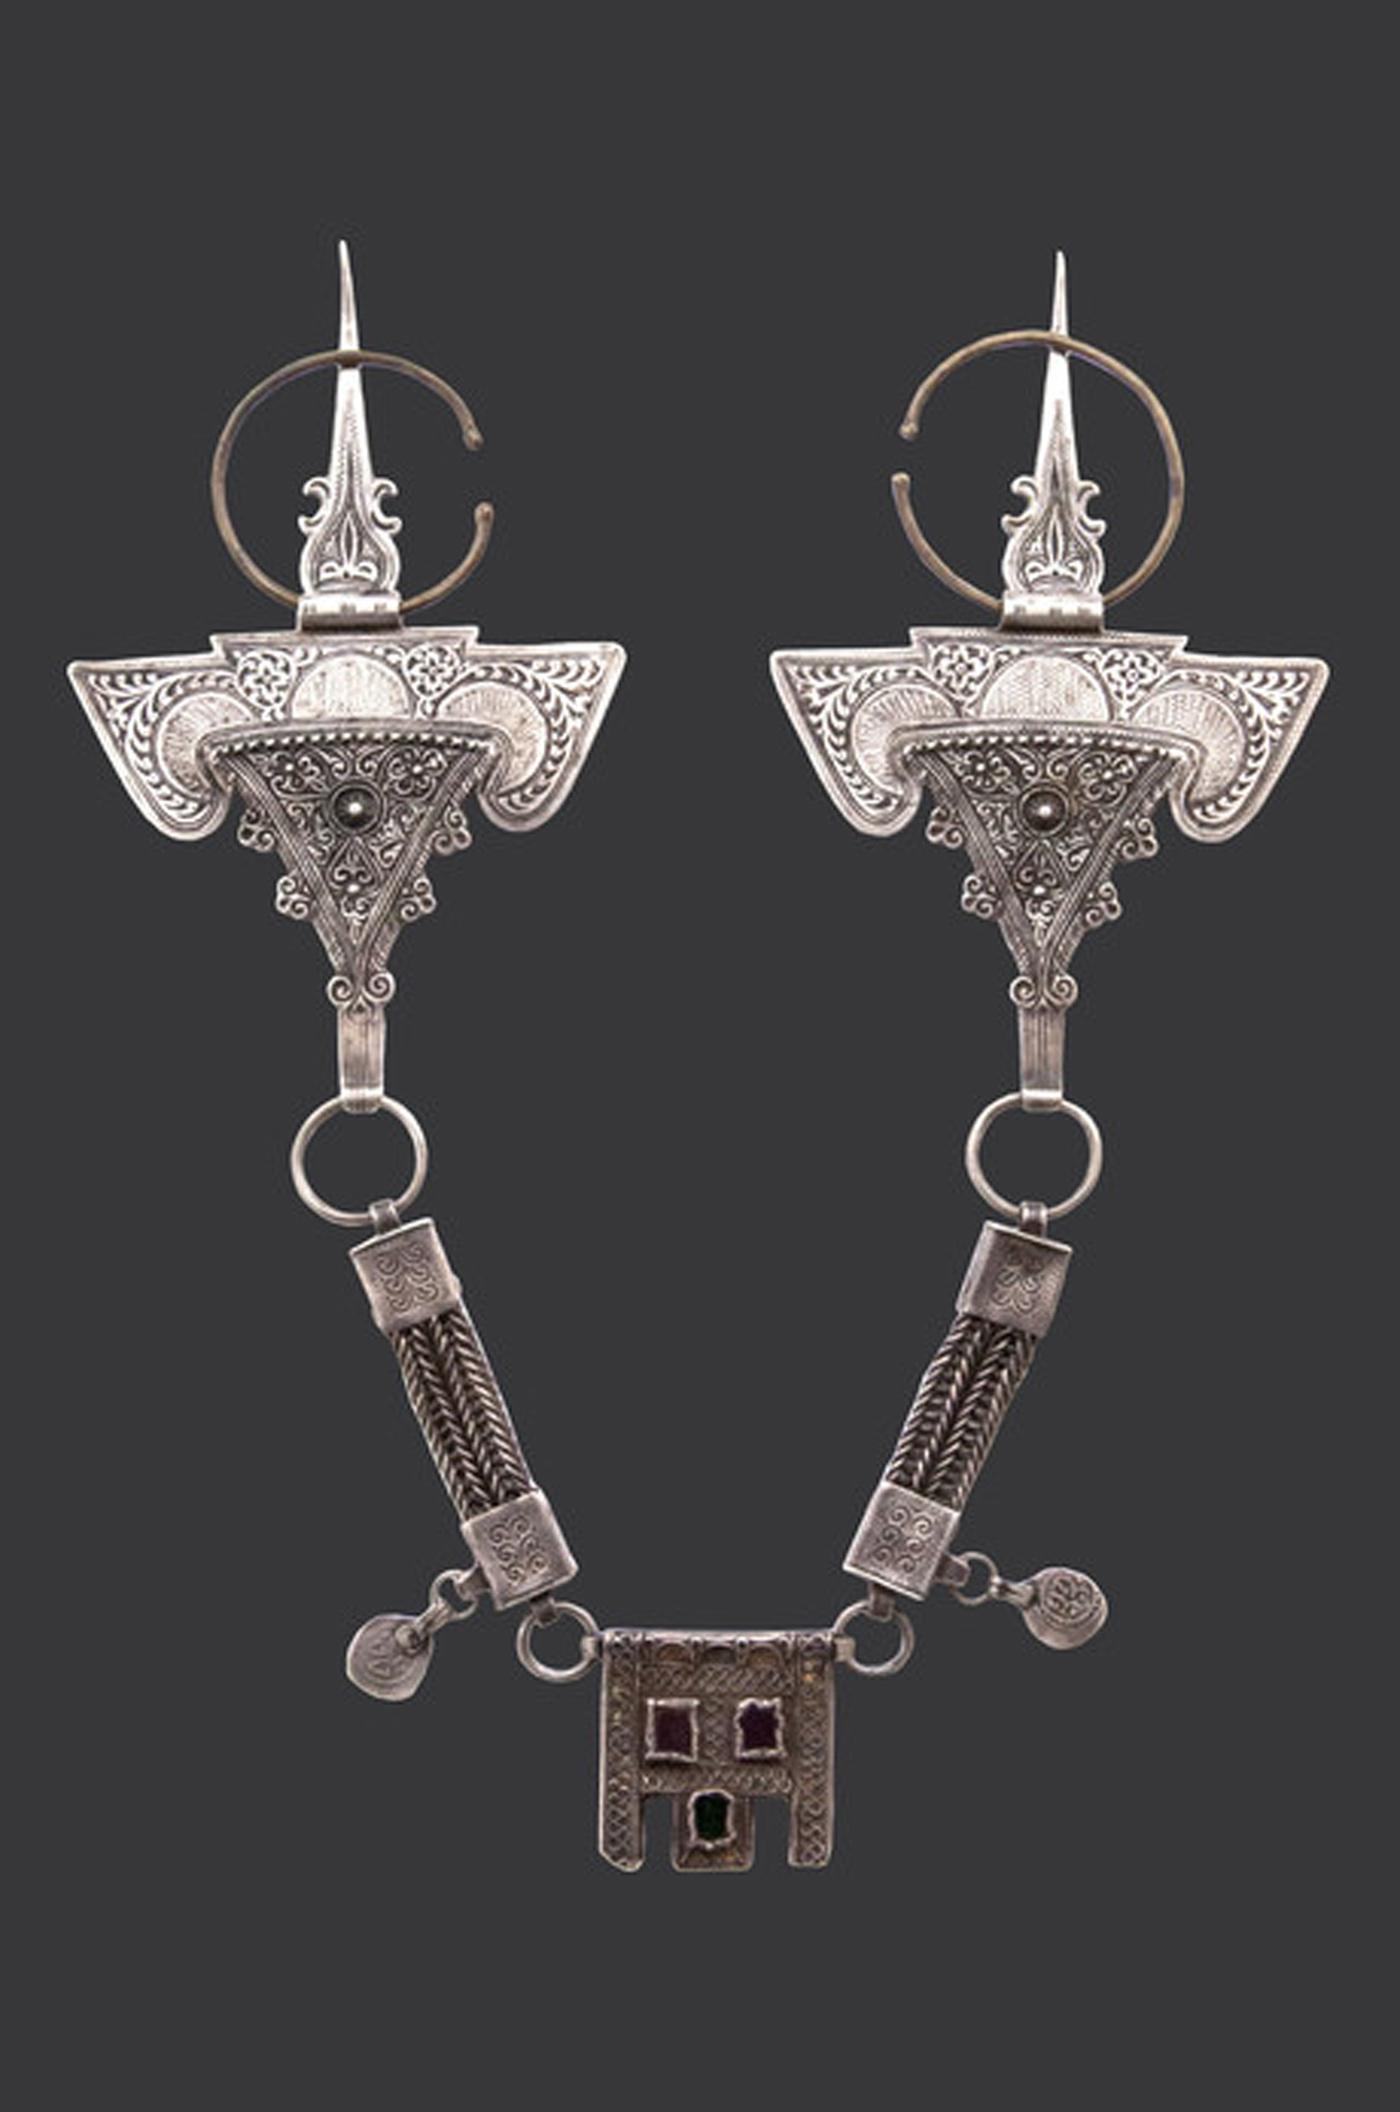 """Haha tribe (high Atlas), Morocco, """"Grandes fibules dites (tête de belier) reliées par des chaînes géminées qui soutiennent une boîte à amulette"""" (18th century) (Collection Bouvier © Marc Bouvier)"""